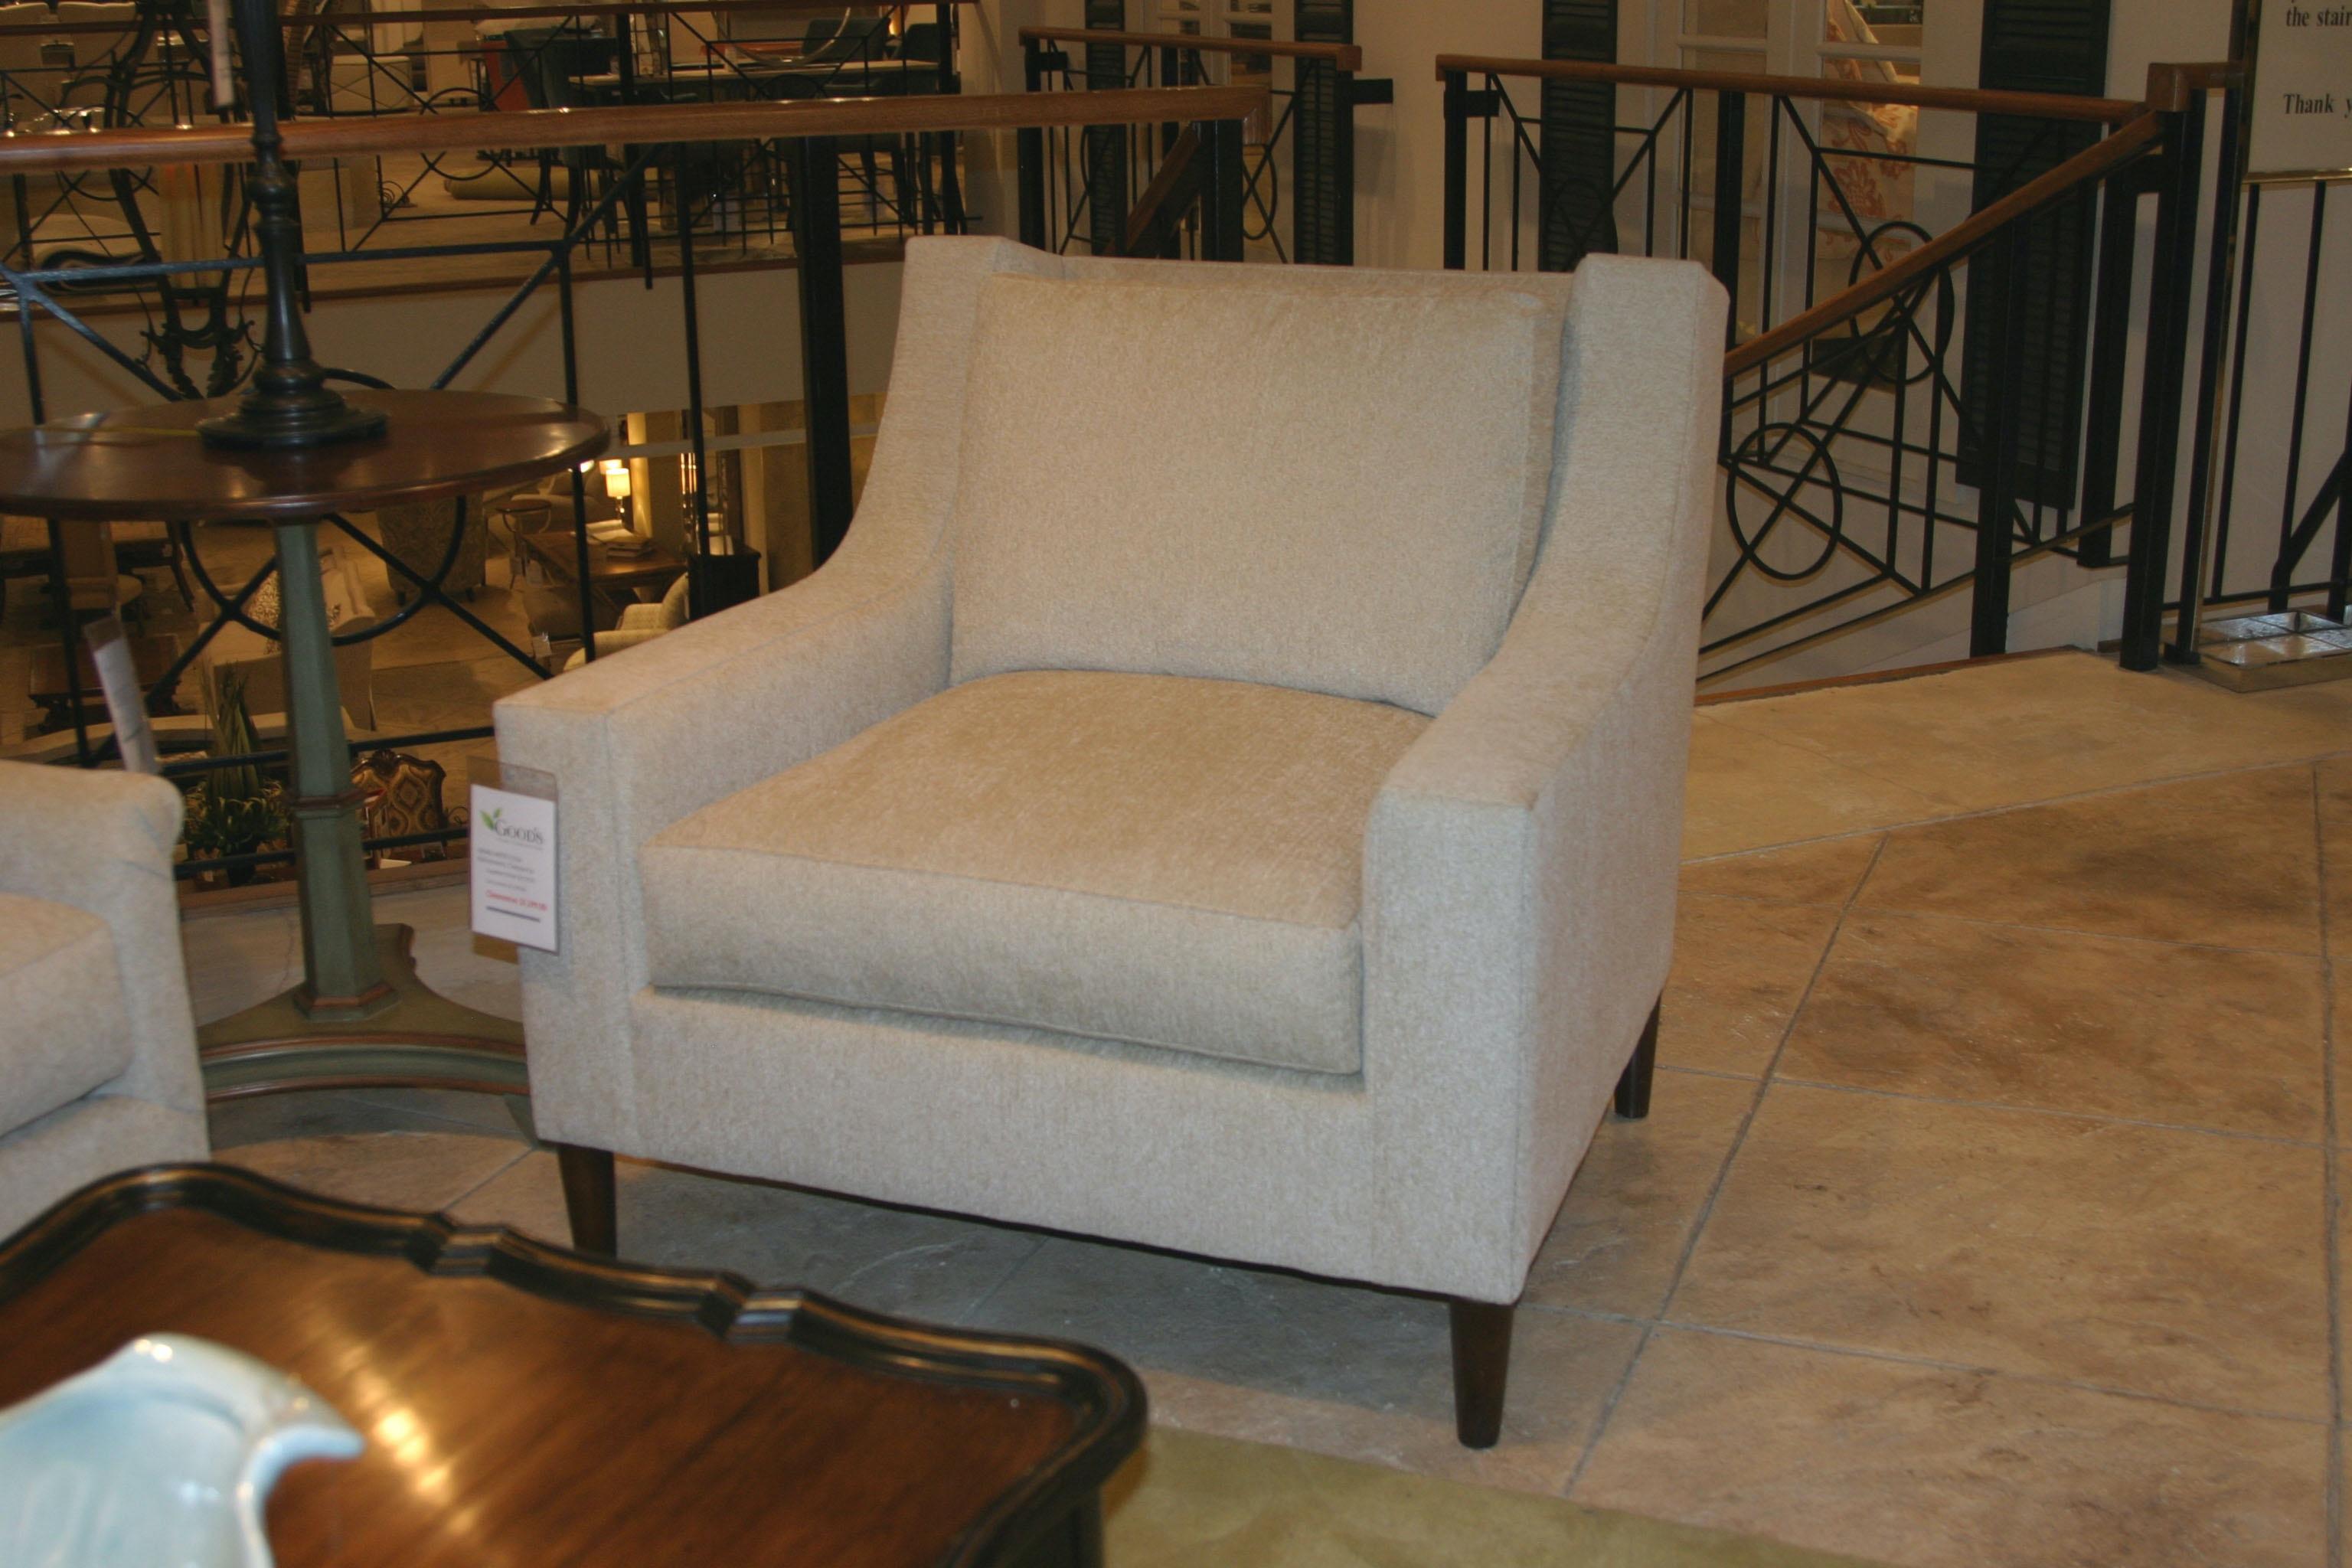 2645280.jpg?fitu003dfillu0026trimu003dcoloru0026trimcoloru003dFFFFFFu0026trimtolu003d5u0026bgu003dFFFFFFu0026wu003d384u0026hu003d288u0026fmu003dpjpg & Henredon Furniture H8700-Clearance Living Room Refinements Chair